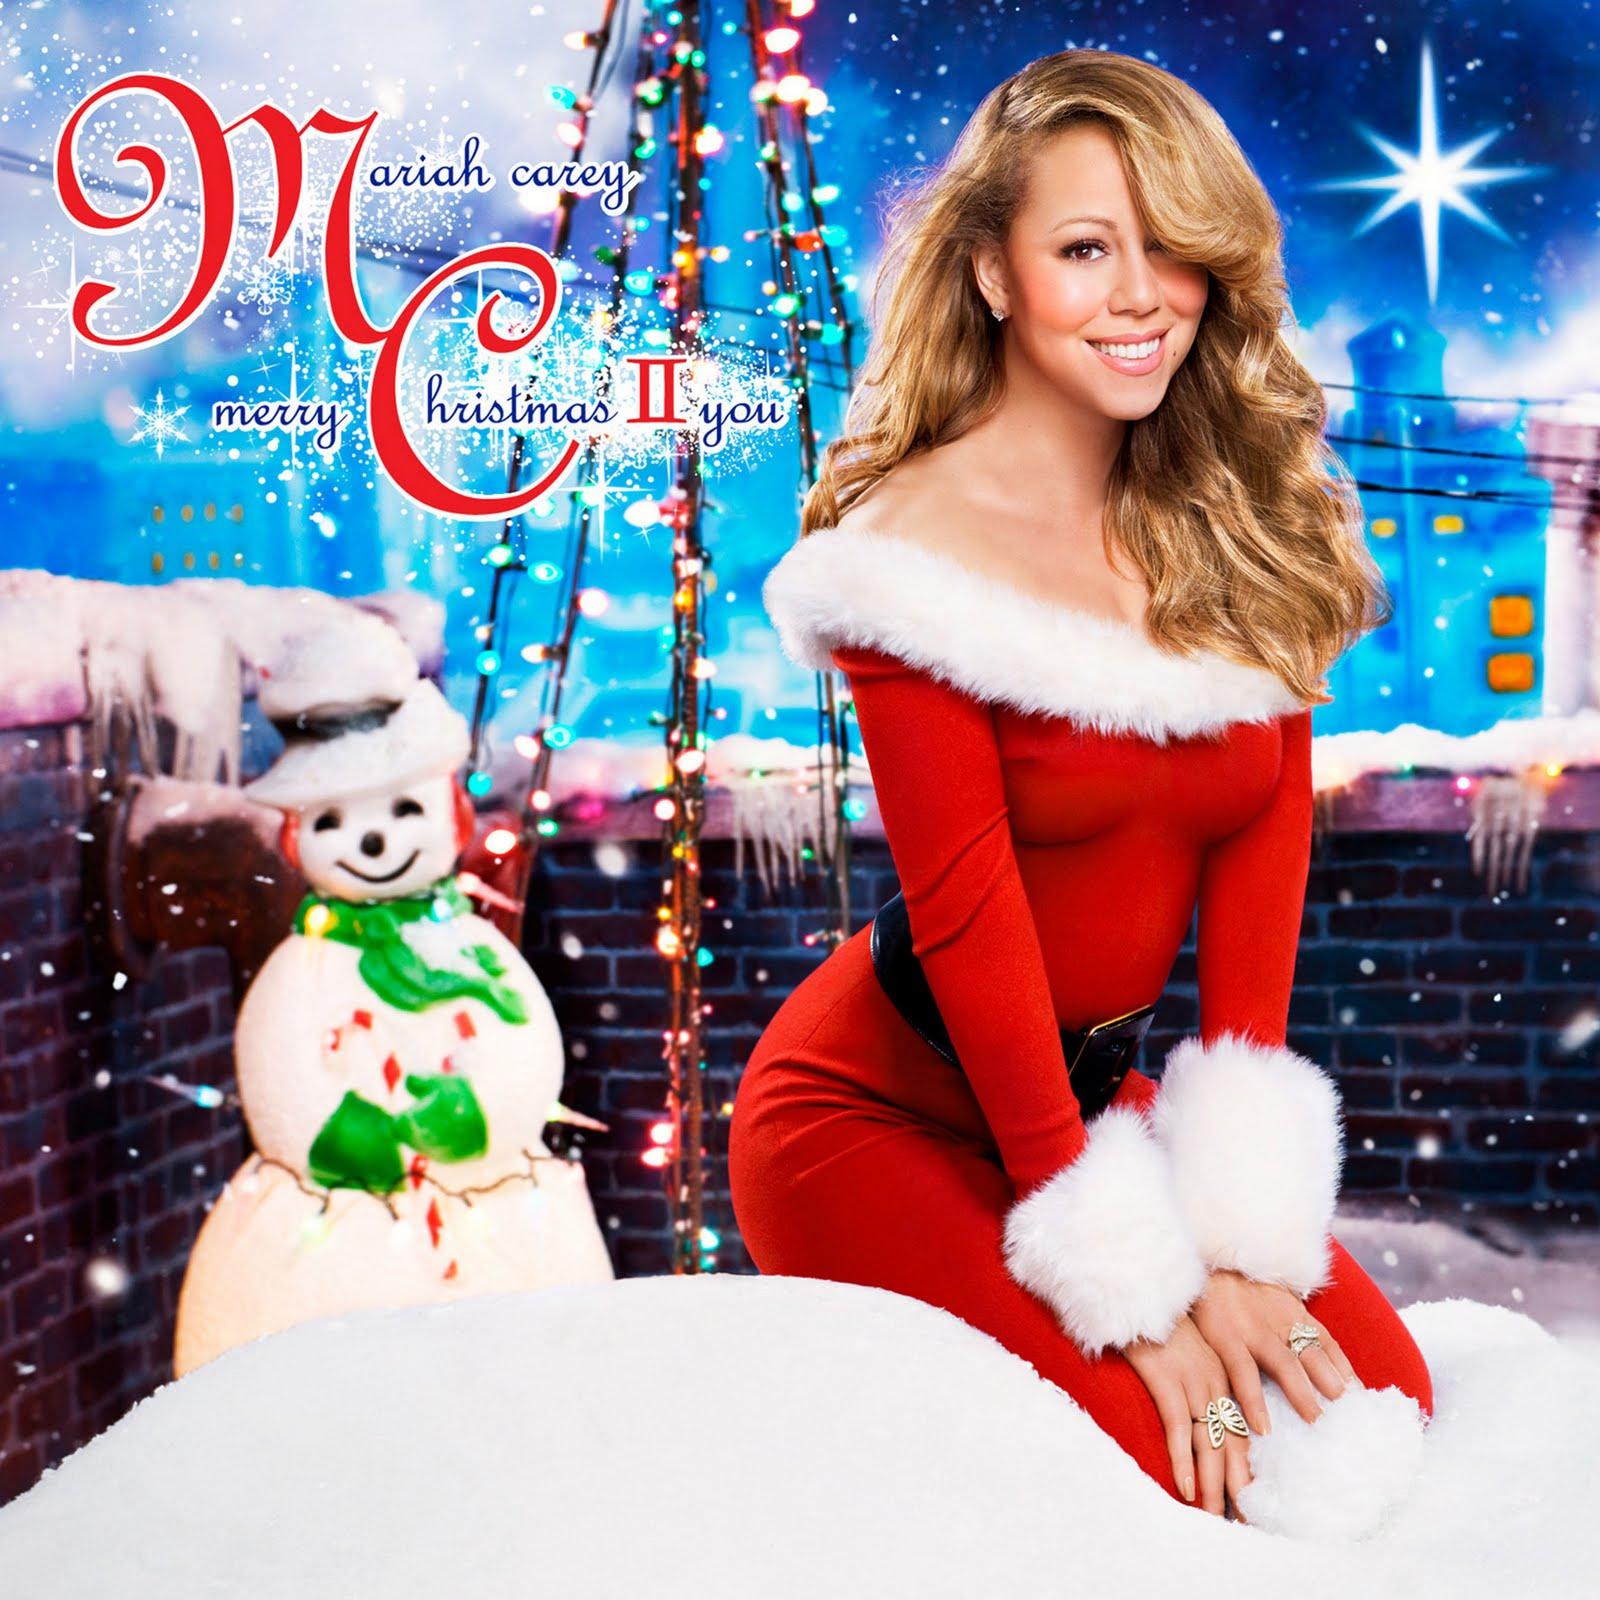 http://1.bp.blogspot.com/_GFVMNL0MVyM/TRXg5ya60HI/AAAAAAAABrQ/kIyEc3sNMAA/s1600/Mariah_Carey_-_Oh_Santa%2521.jpg